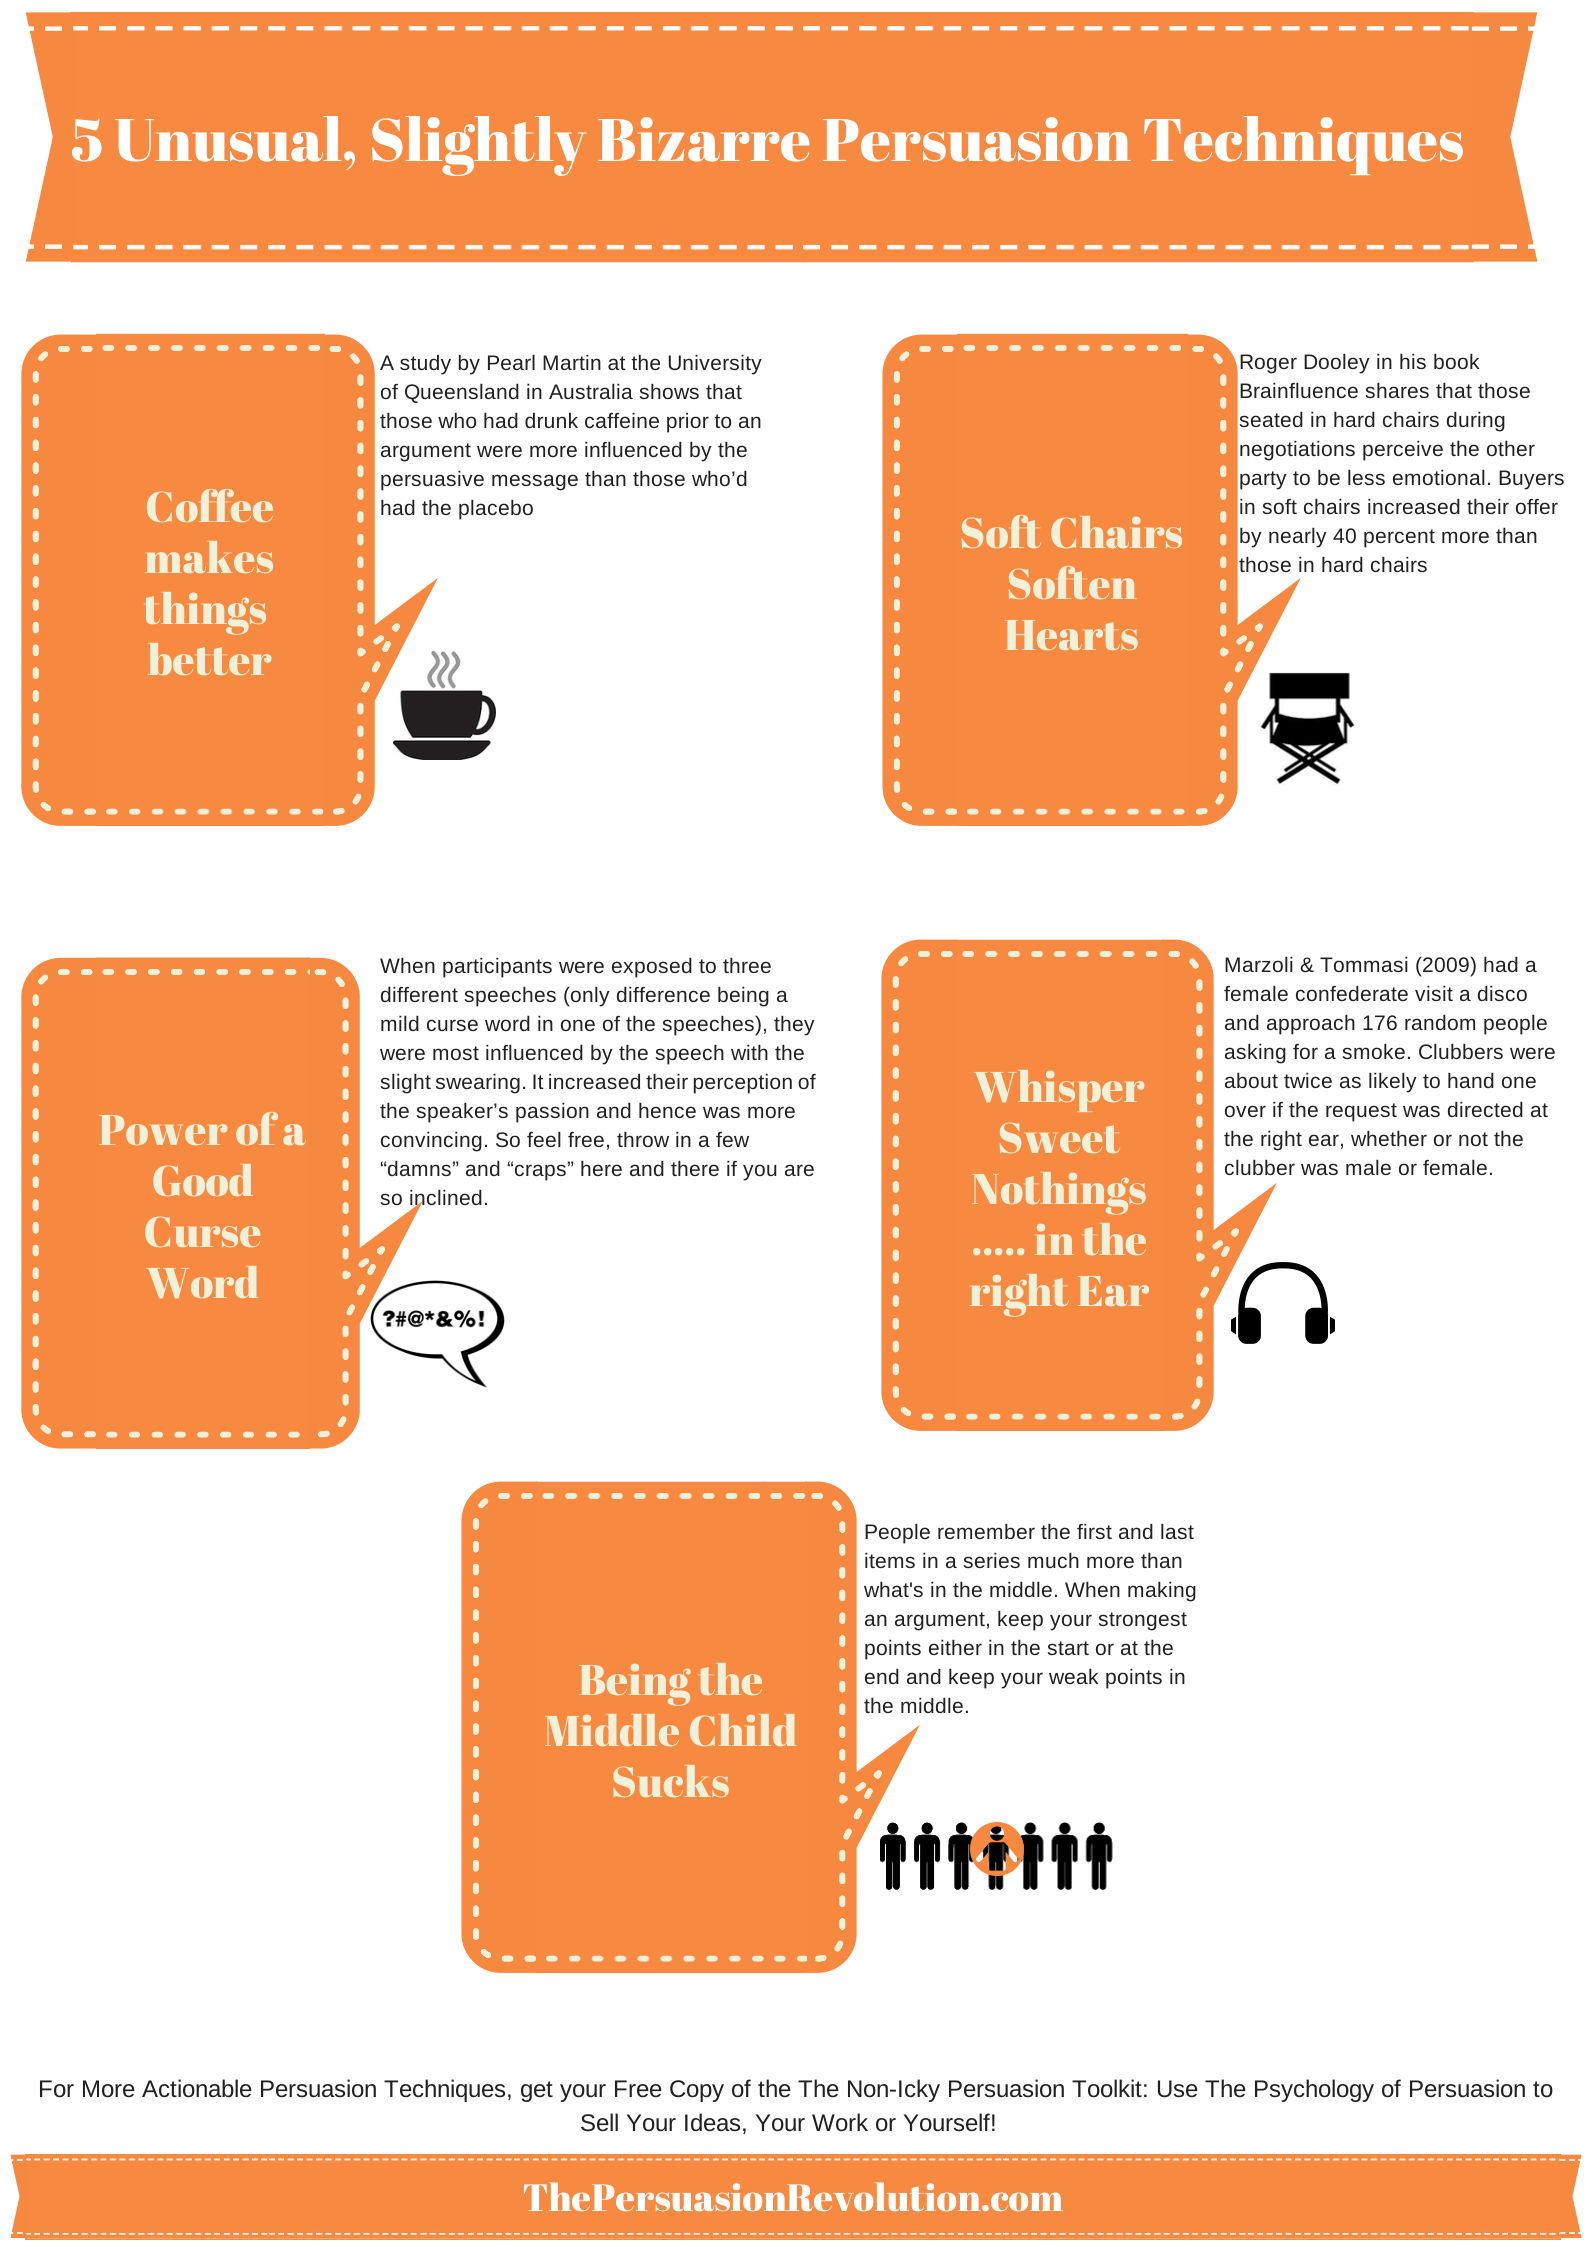 Persuasion Techniques Infographic Persuasive Techniques Persuasion How To Influence People